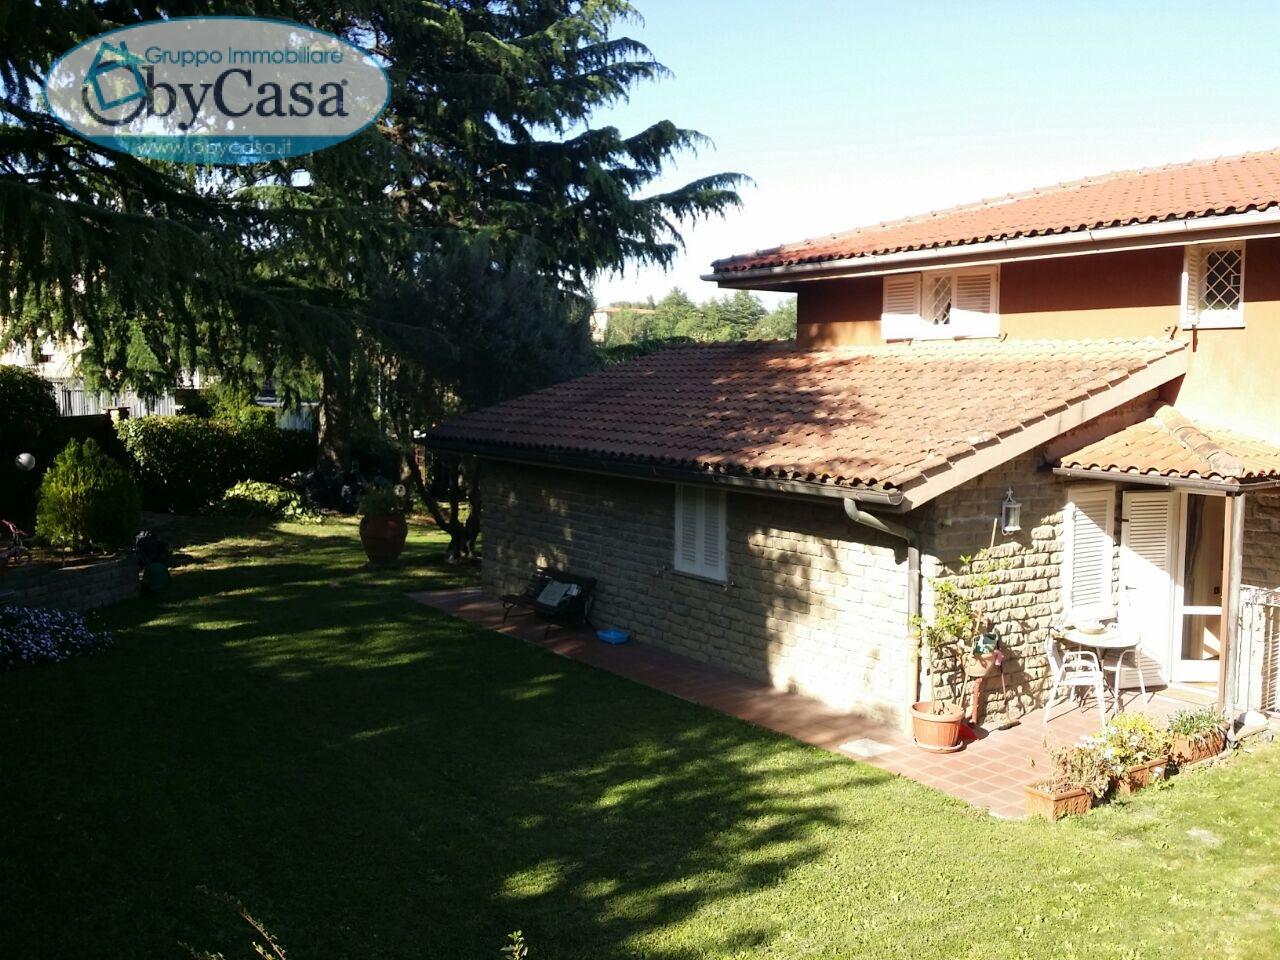 Villa in vendita a Manziana, 6 locali, Trattative riservate | Cambio Casa.it